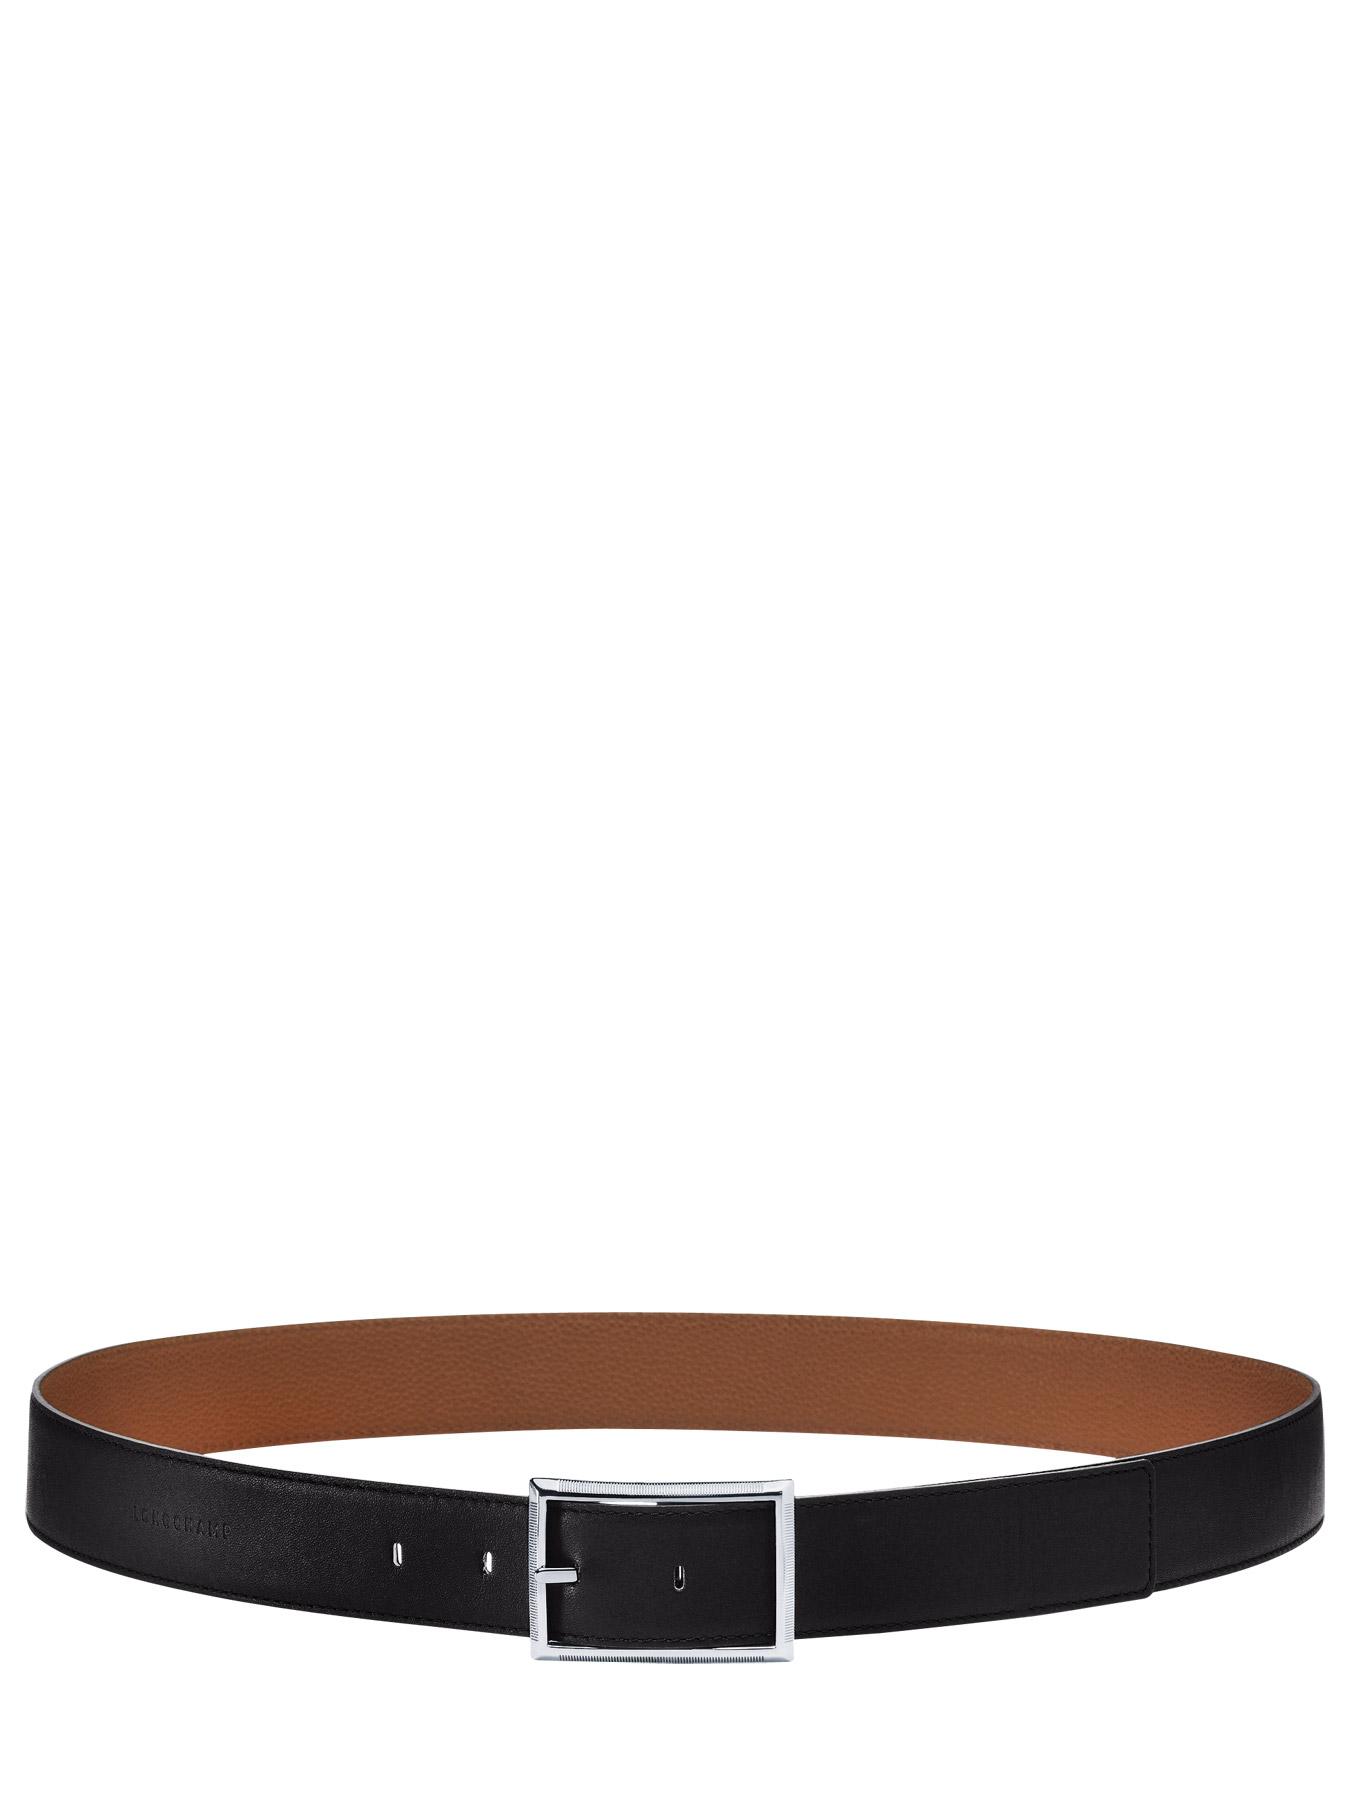 Ceinture Longchamp 42008G64 noir cognac en vente au meilleur prix 67b66c48939